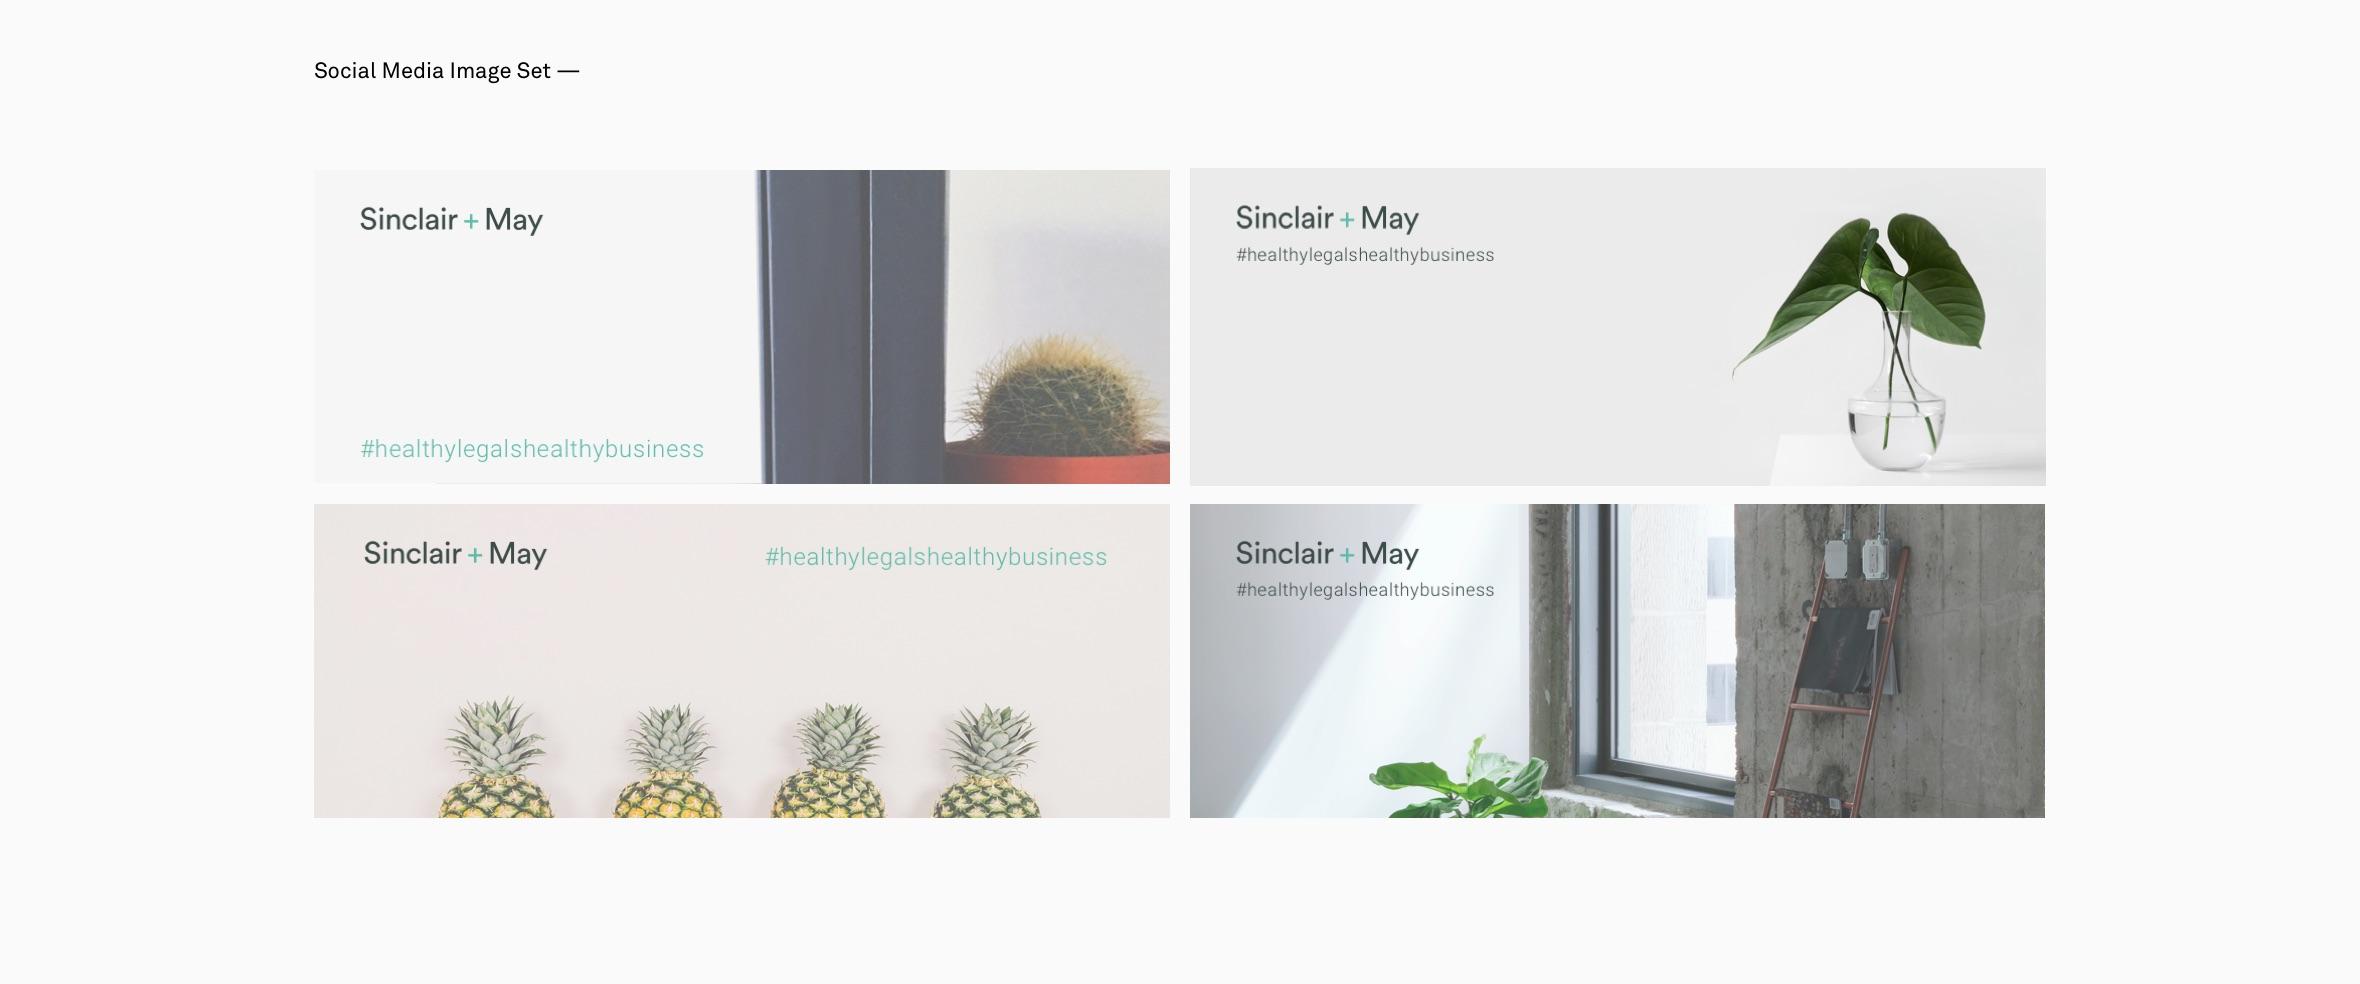 Sinclair + May